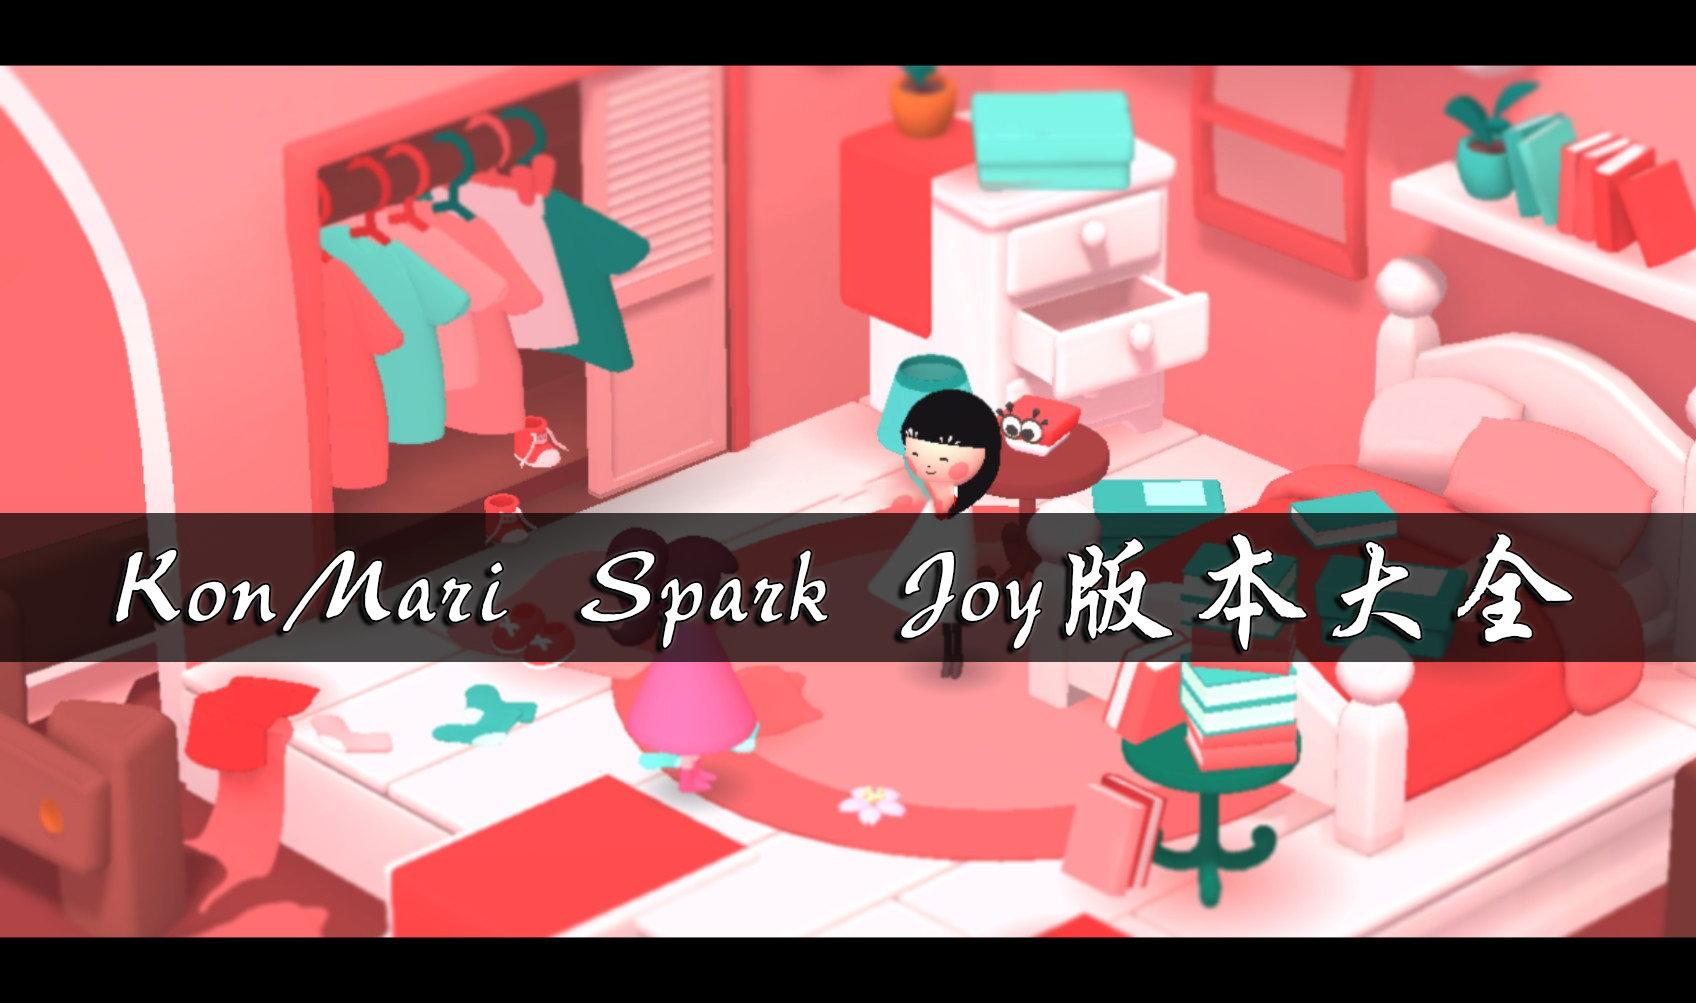 KonMari Spark Joy